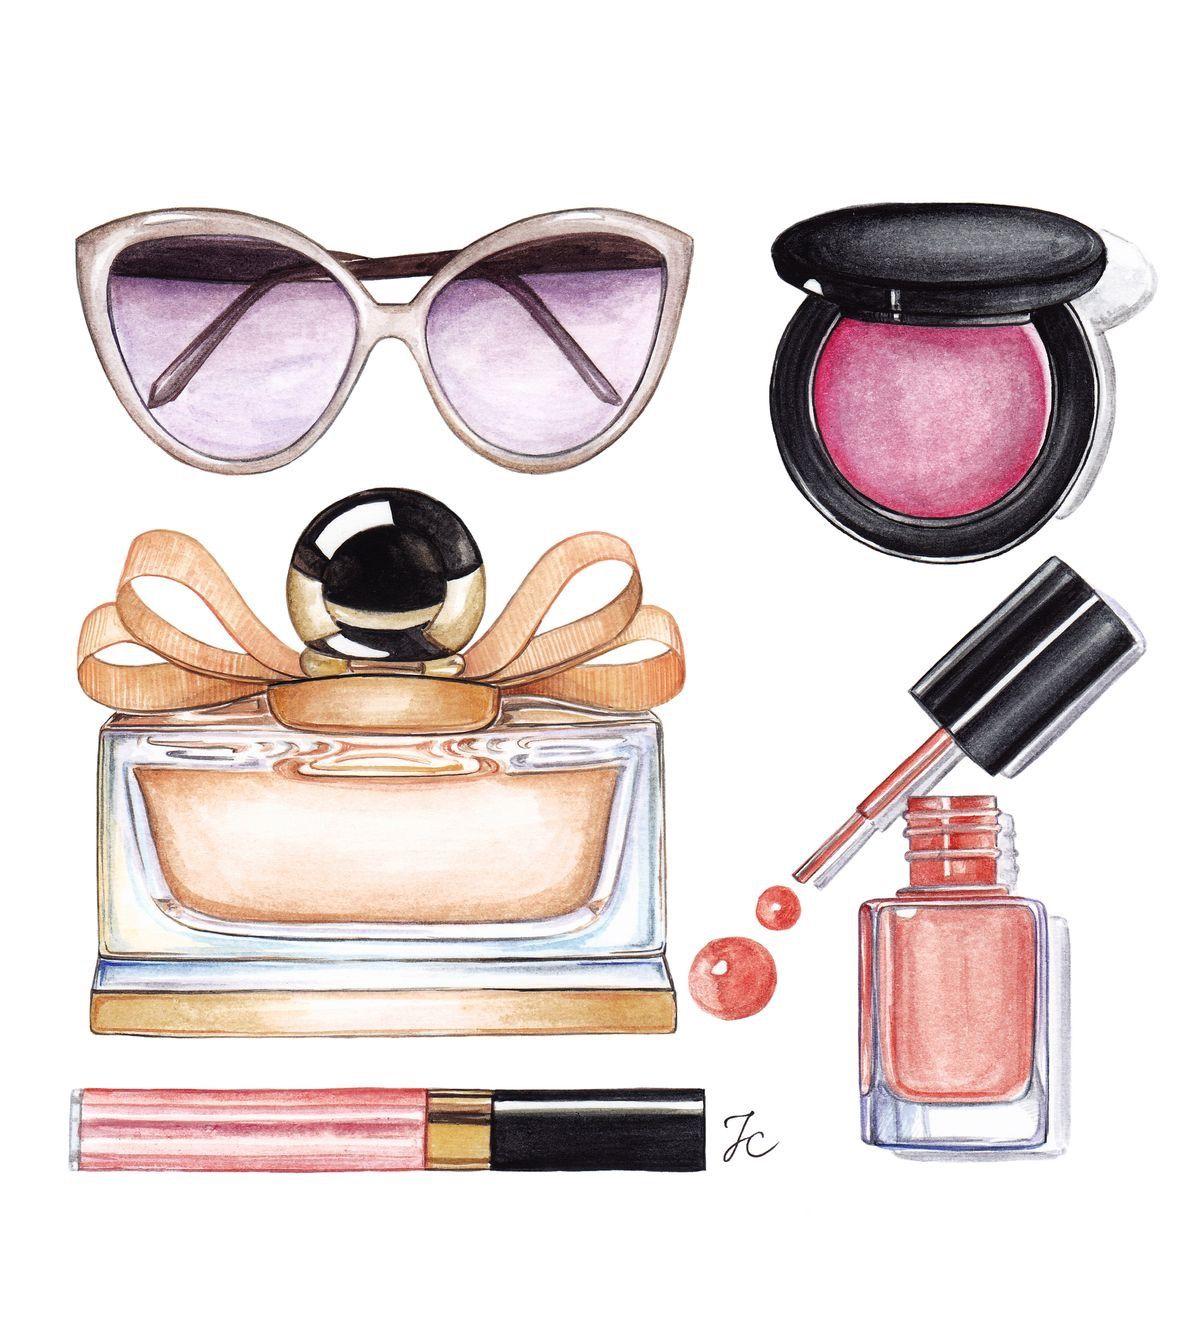 новые картинки косметики и парфюмерии для аватарки группы акварелью фея любви